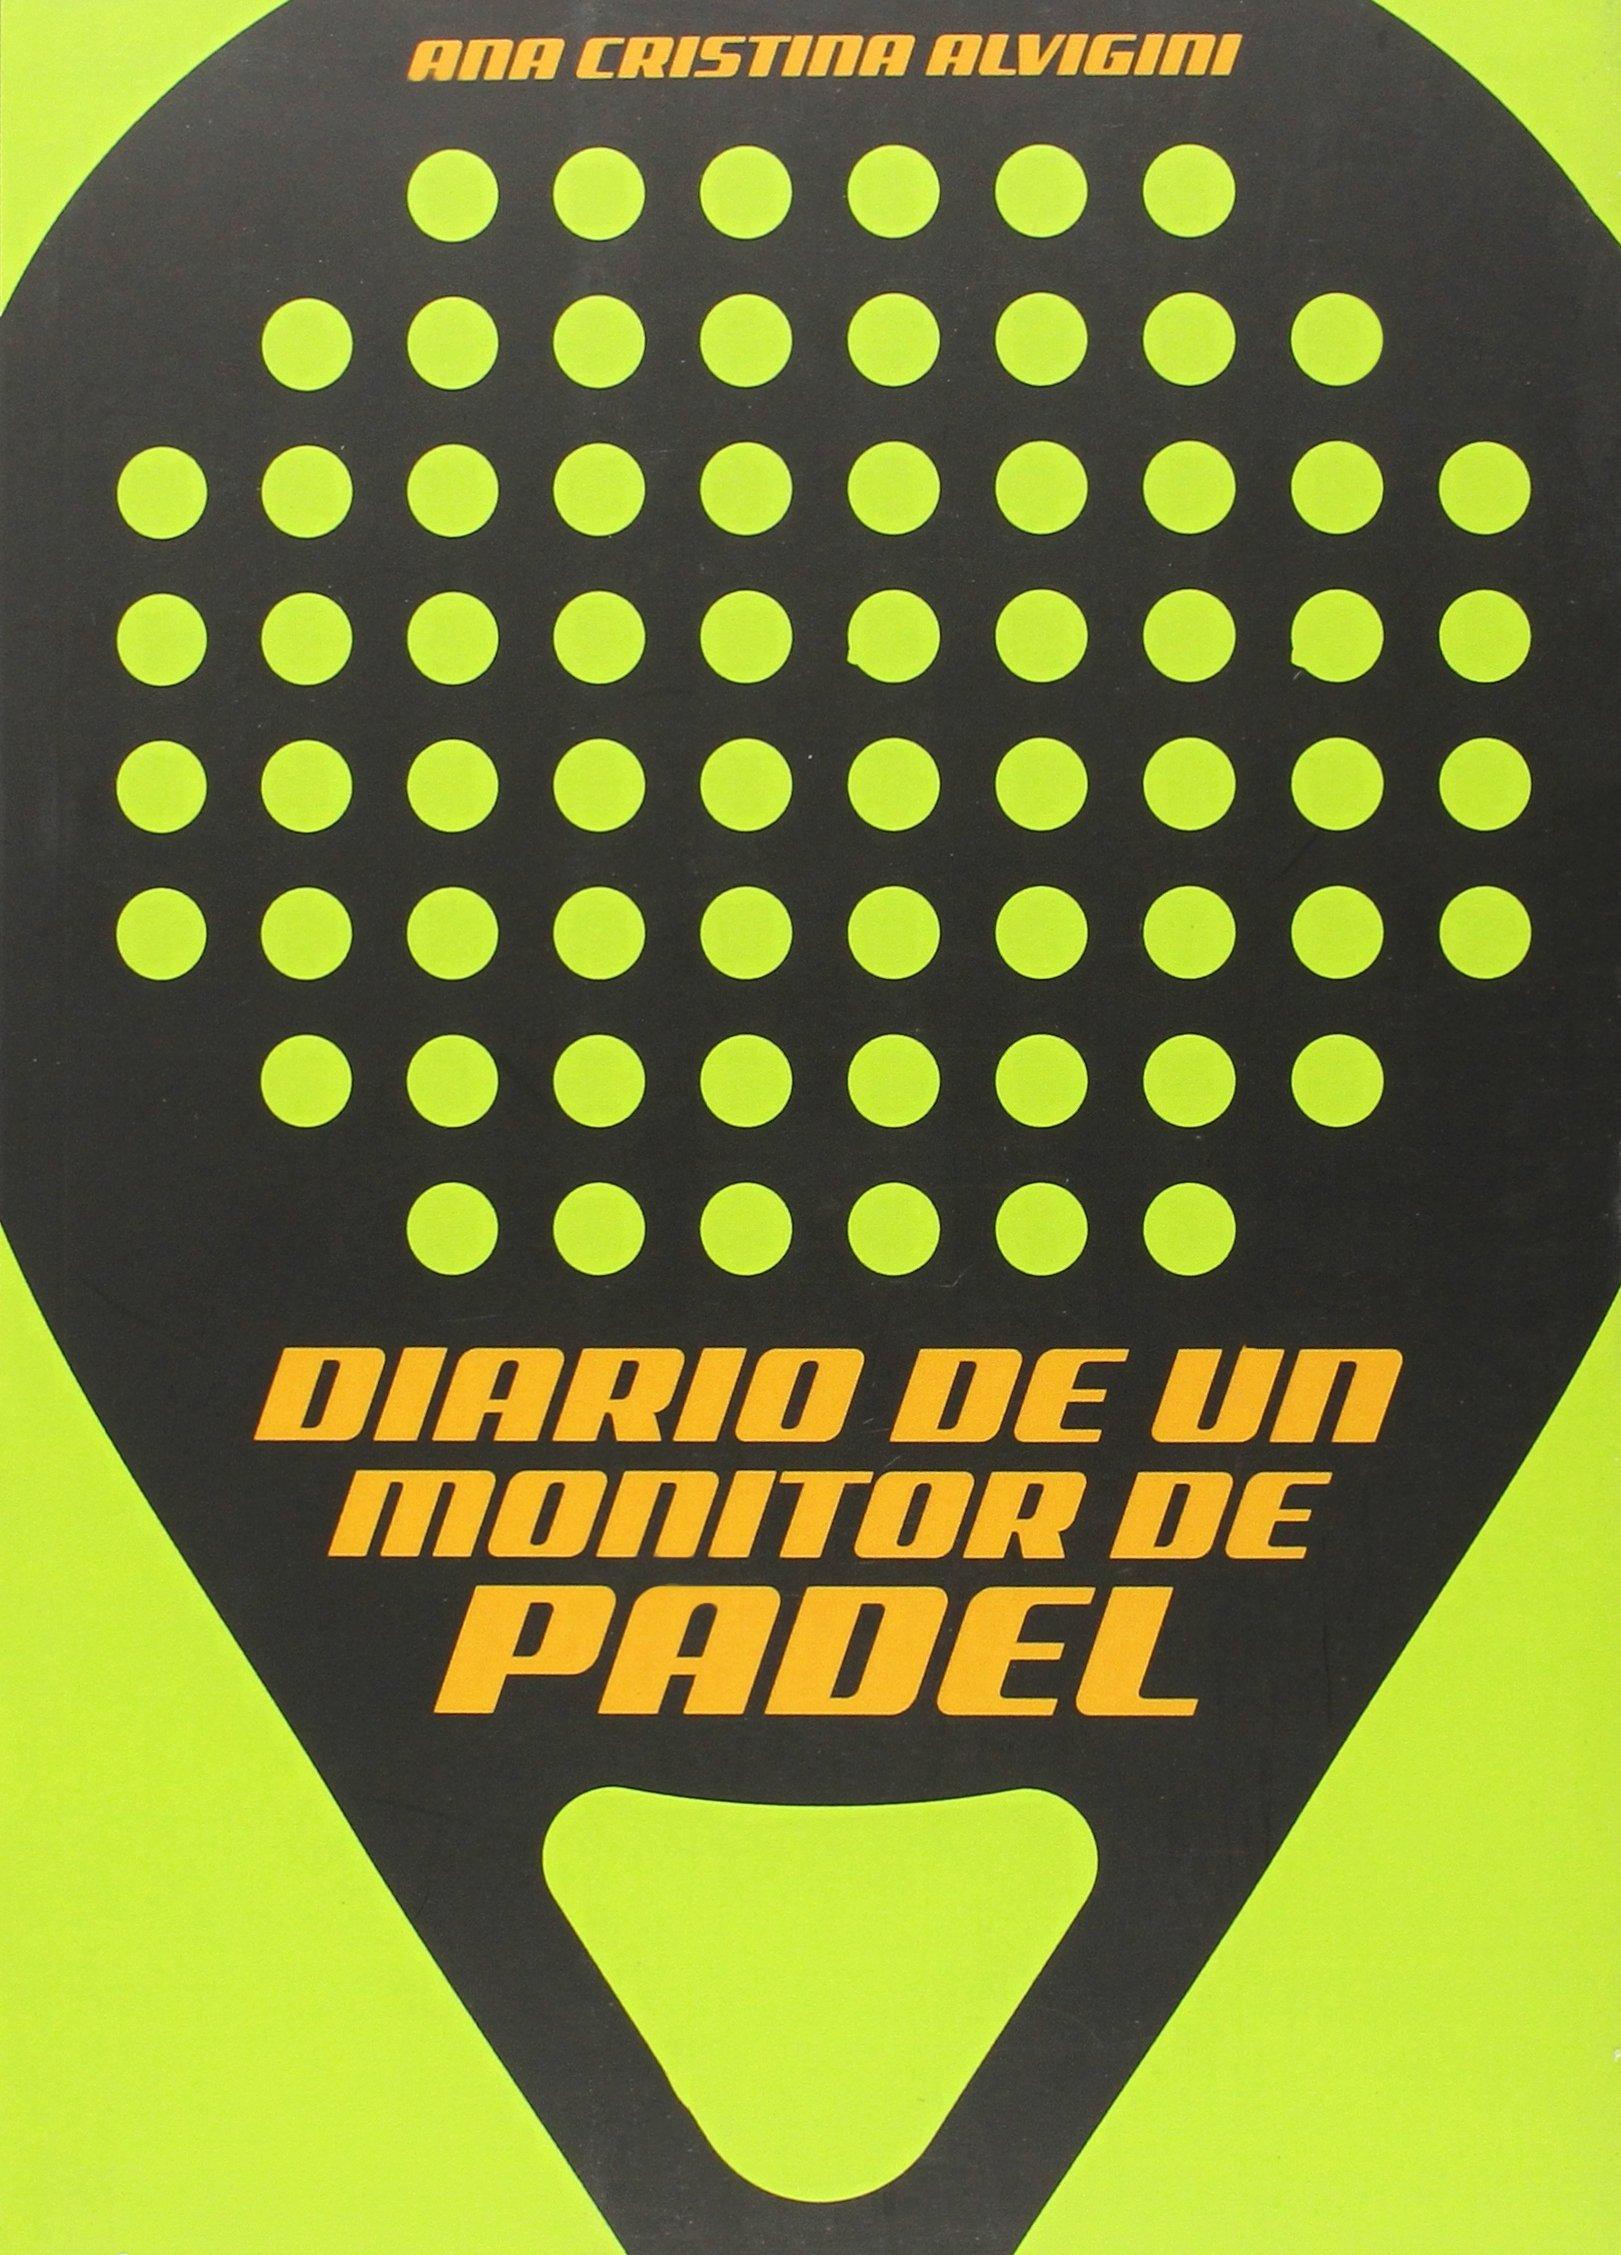 Diario de un monitor de pádel: Amazon.es: Ana Cristina ...